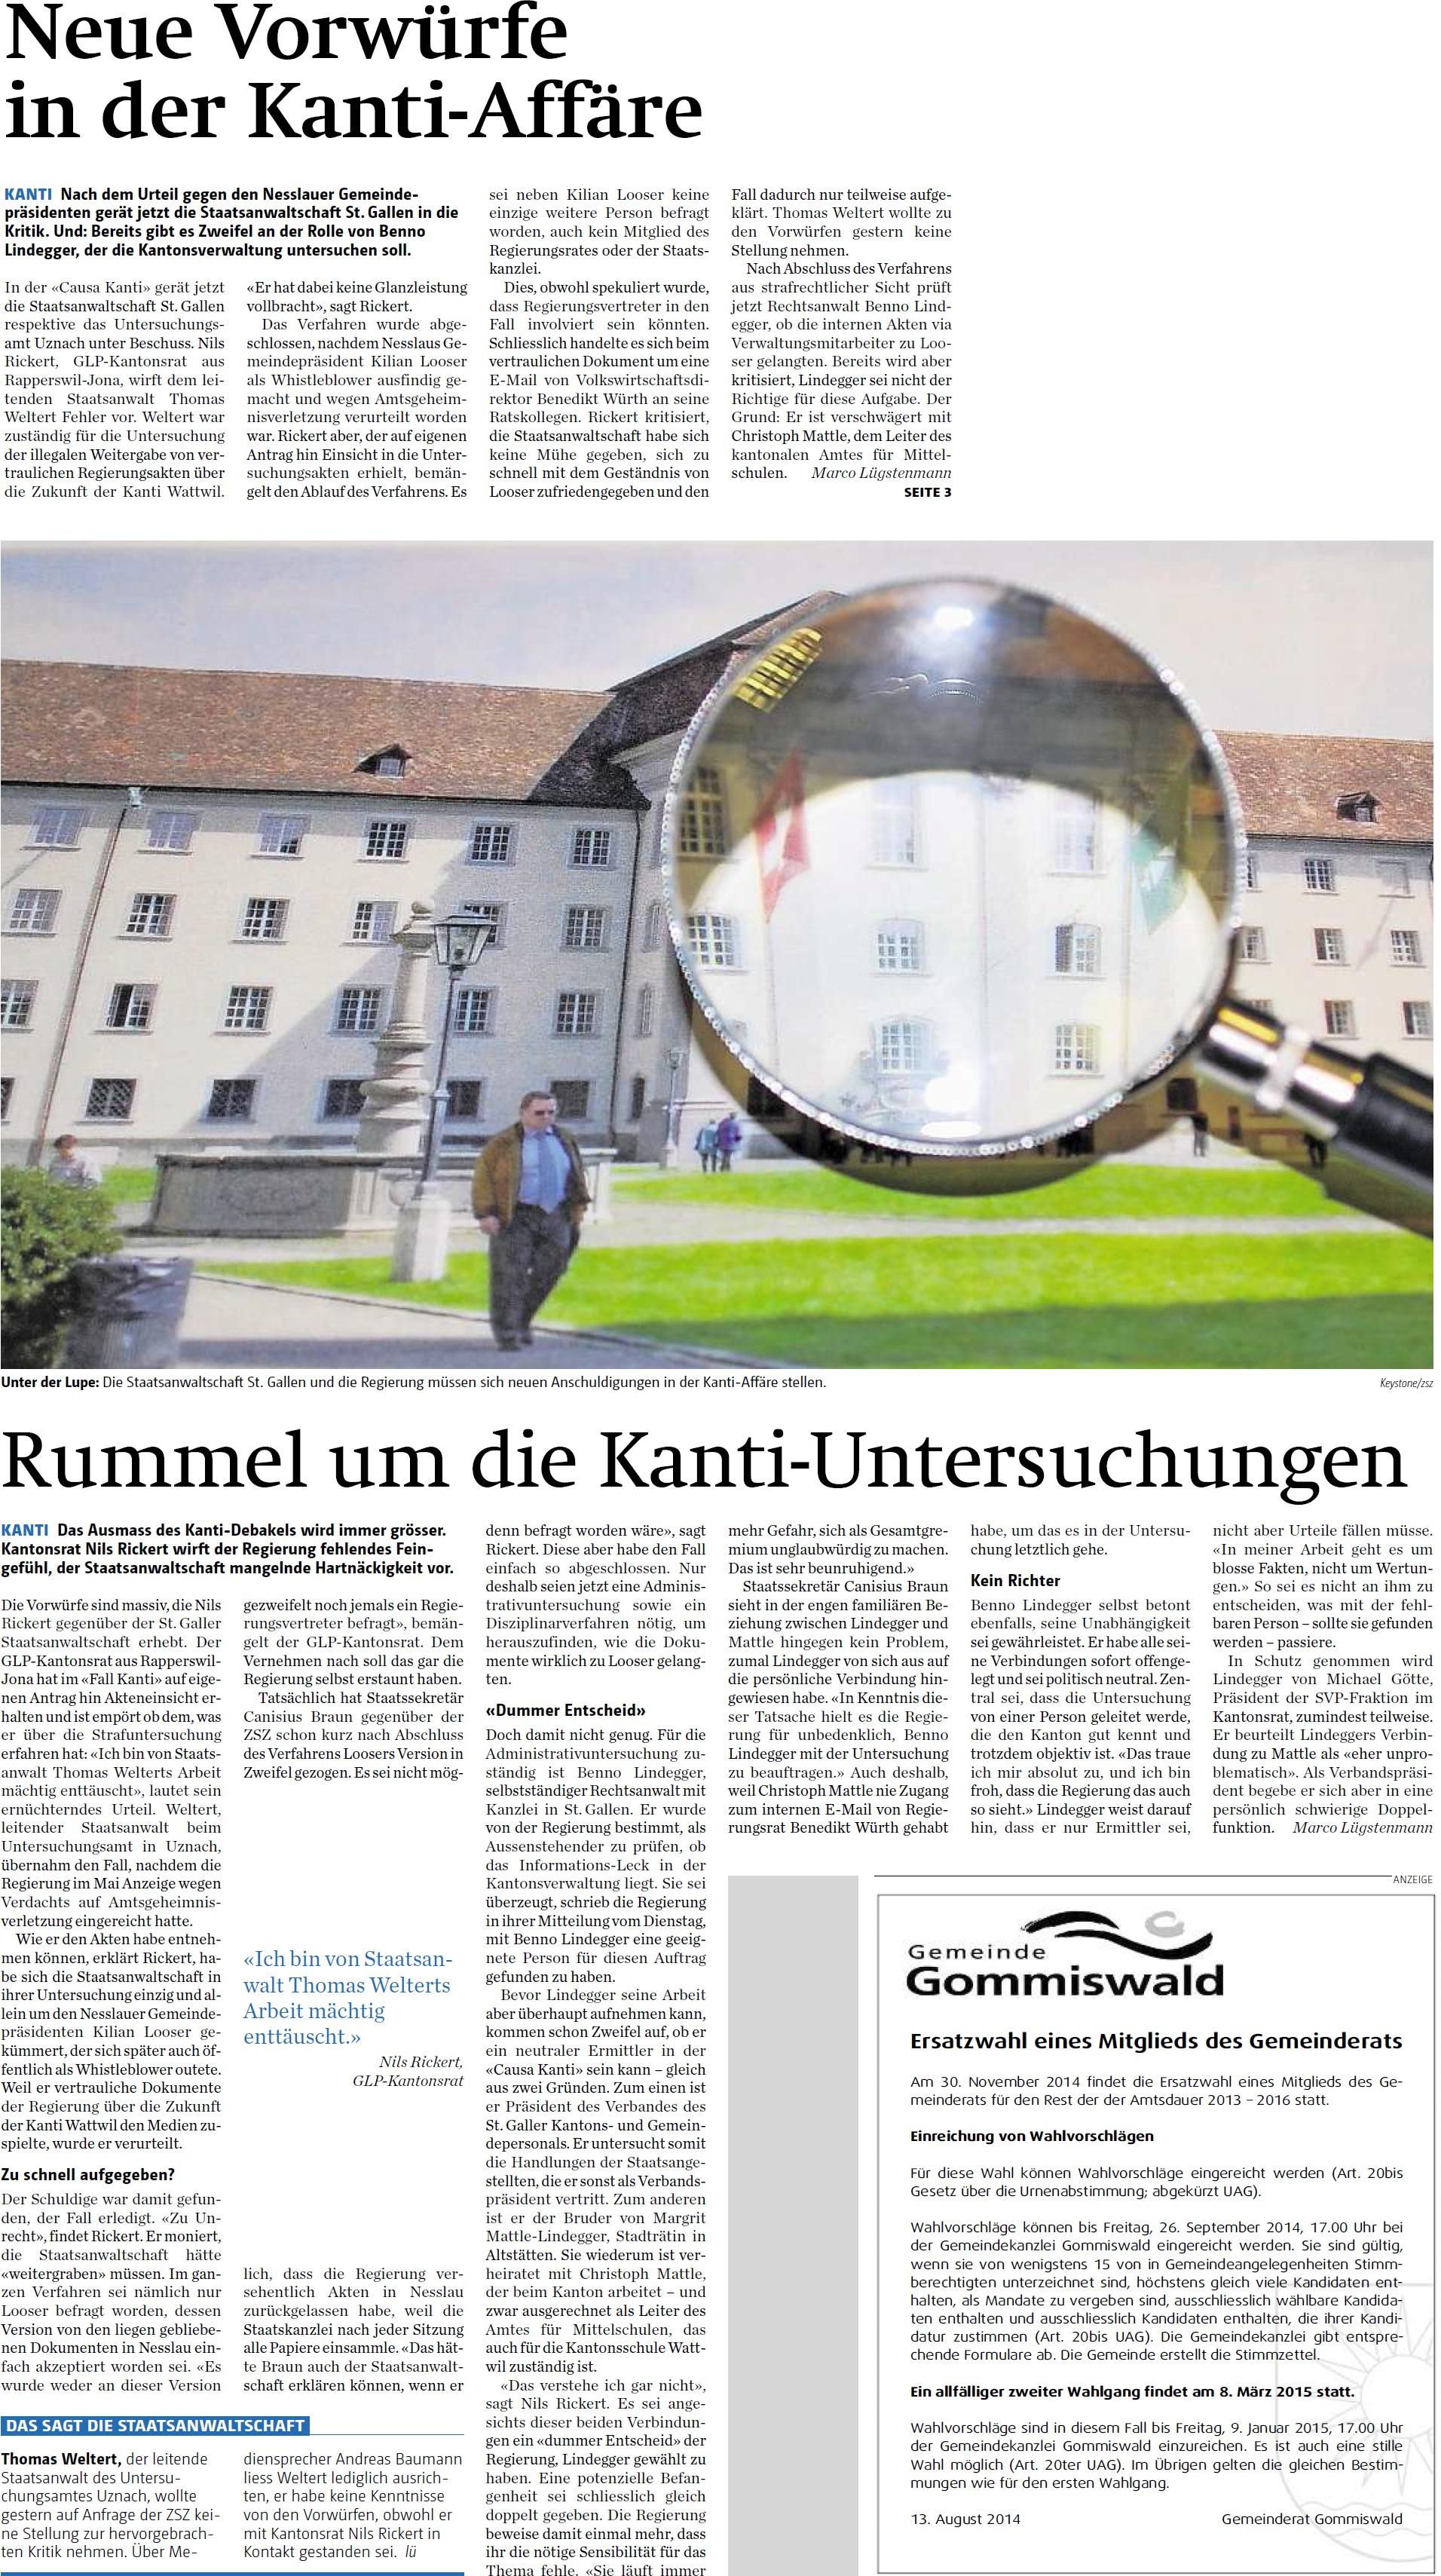 Neue Vorwürfe in der Kanti-Affäre (Samstag, 16.08.2014)